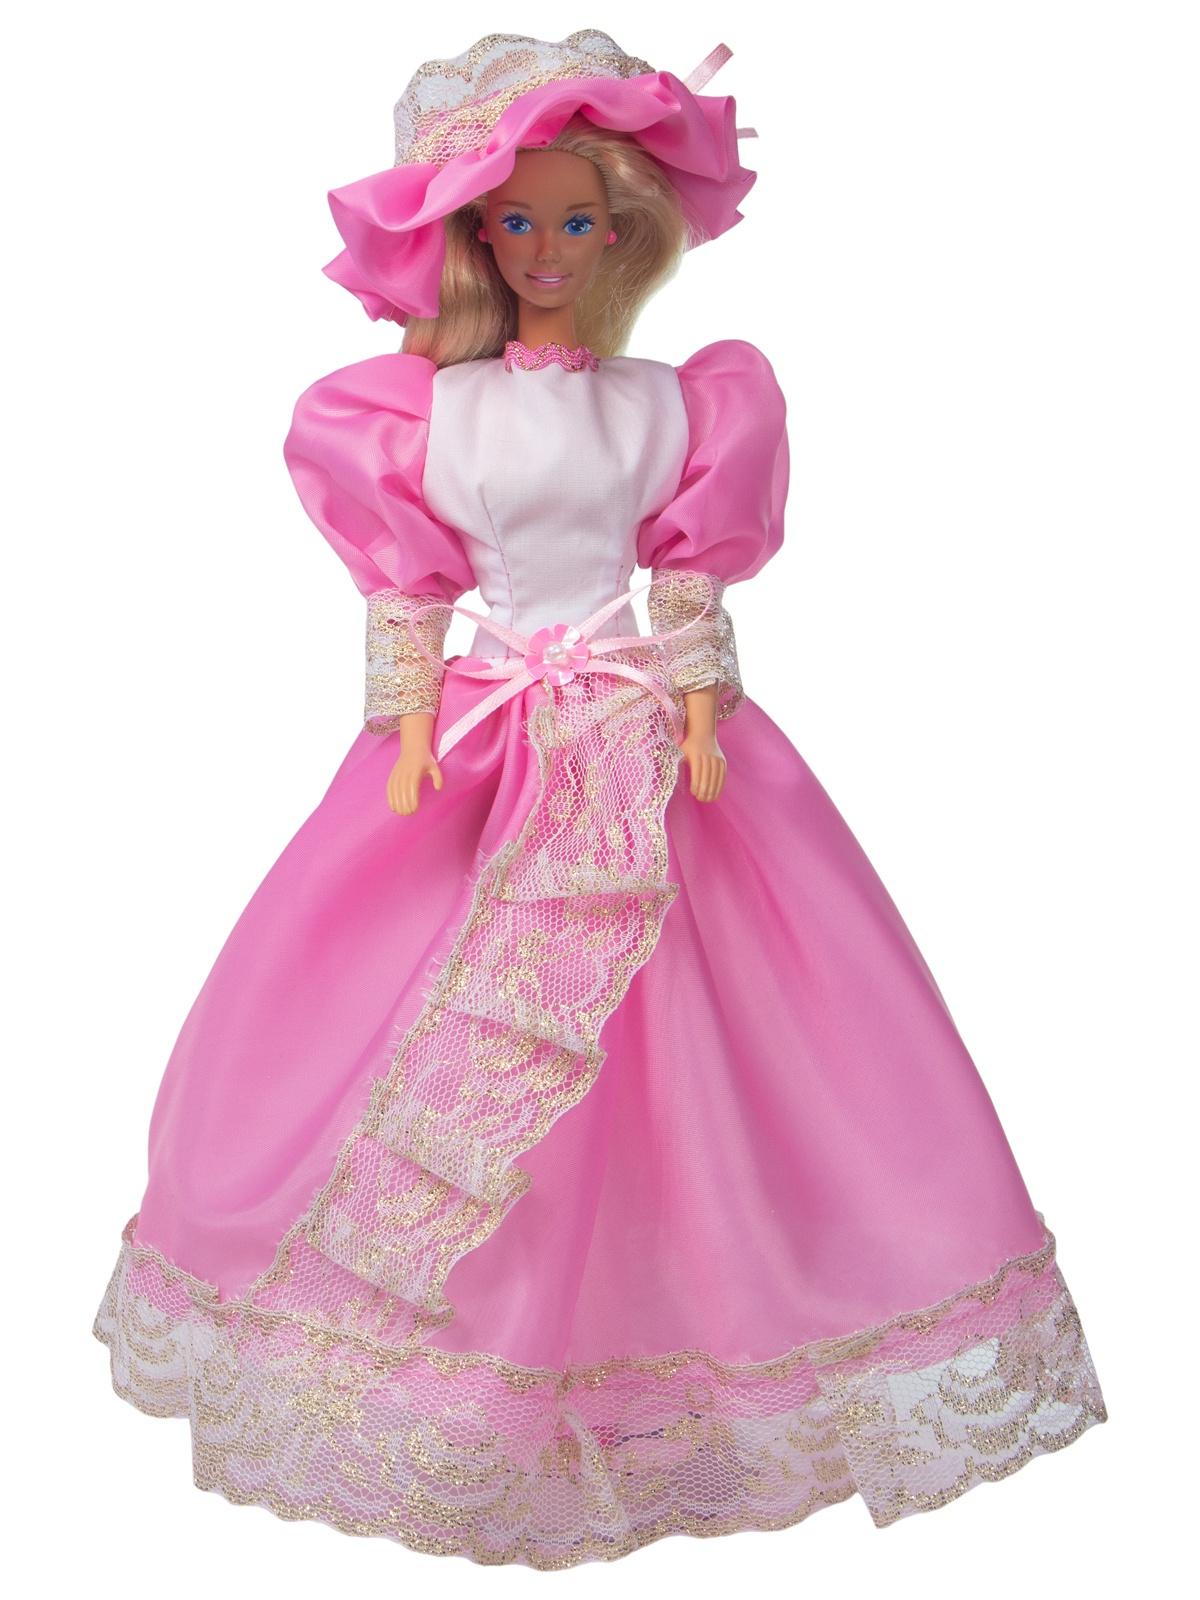 Одежда для кукол Модница Бальное платье для куклы 29 см розовый, белый